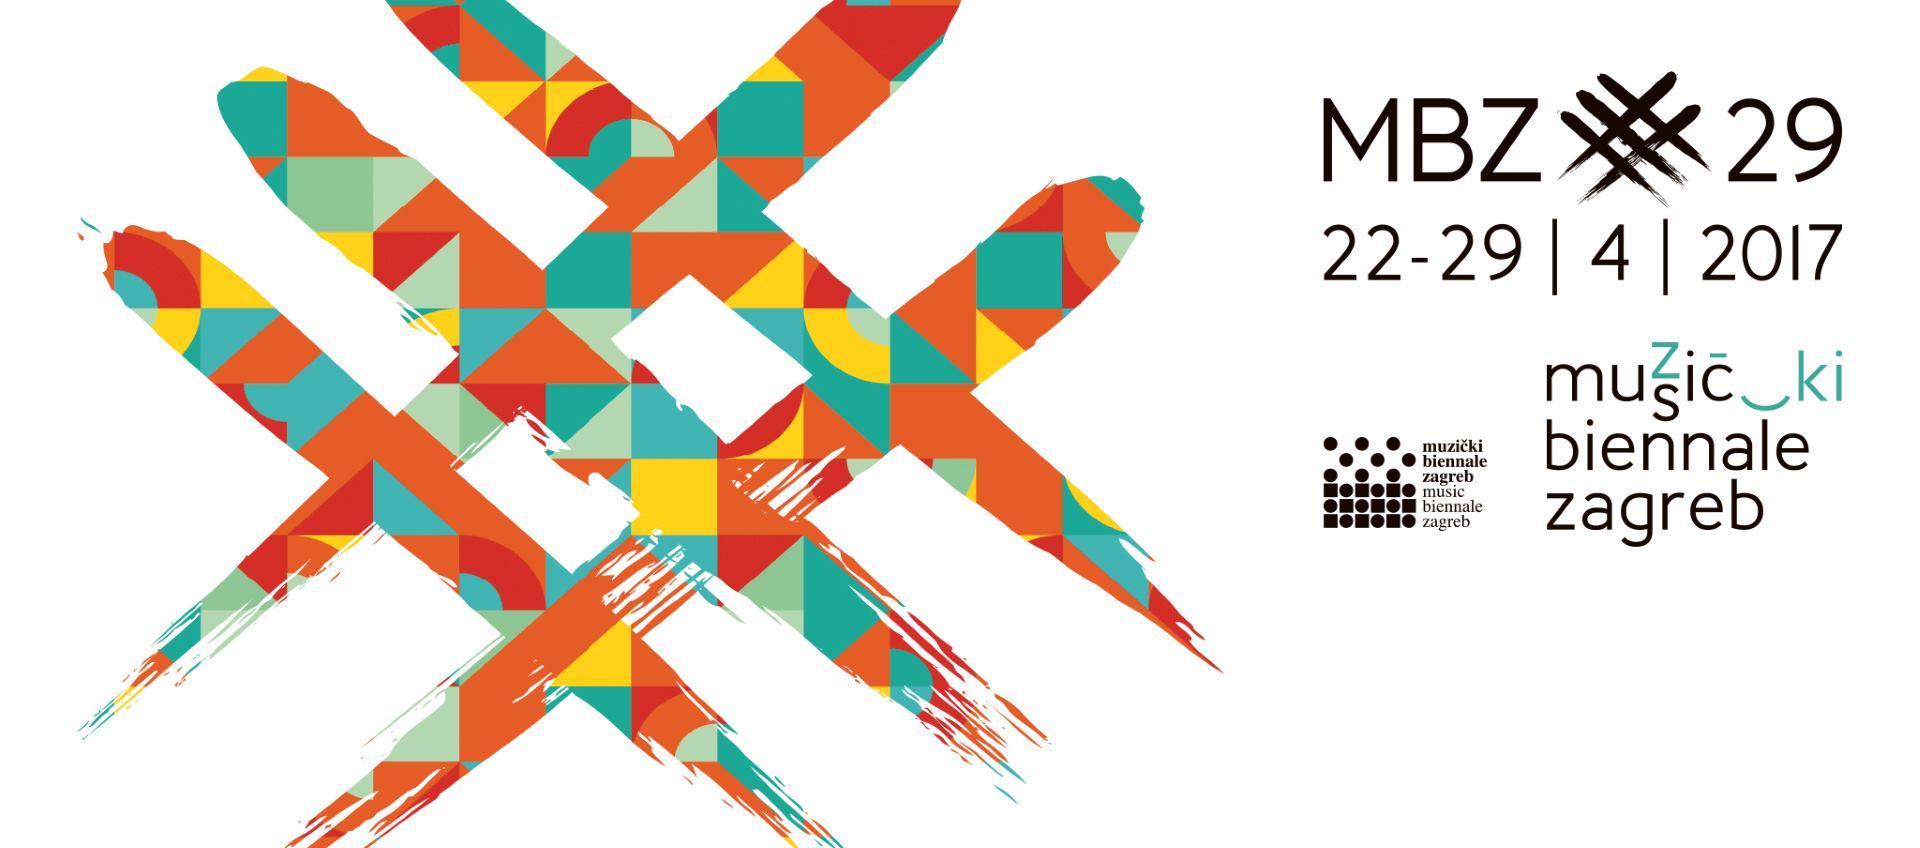 FOTO: Muzički biennale Zagreb predstavio 38 audio vizualnih priredaba i 550 umjetnika